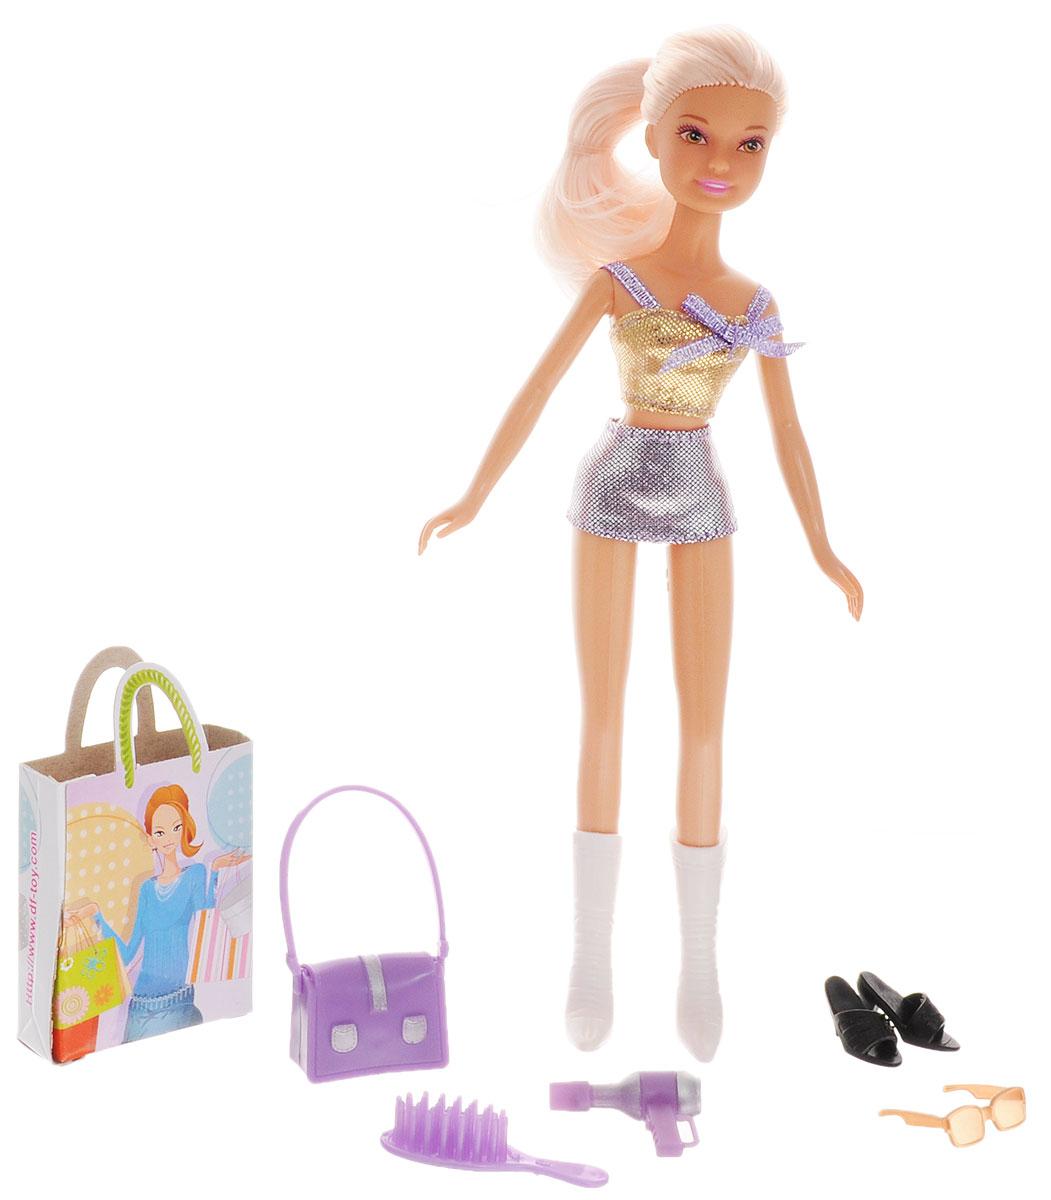 Defa Кукла Lucy Модница цвет одежды золотистый фиолетовый кукла defa lucy 8166